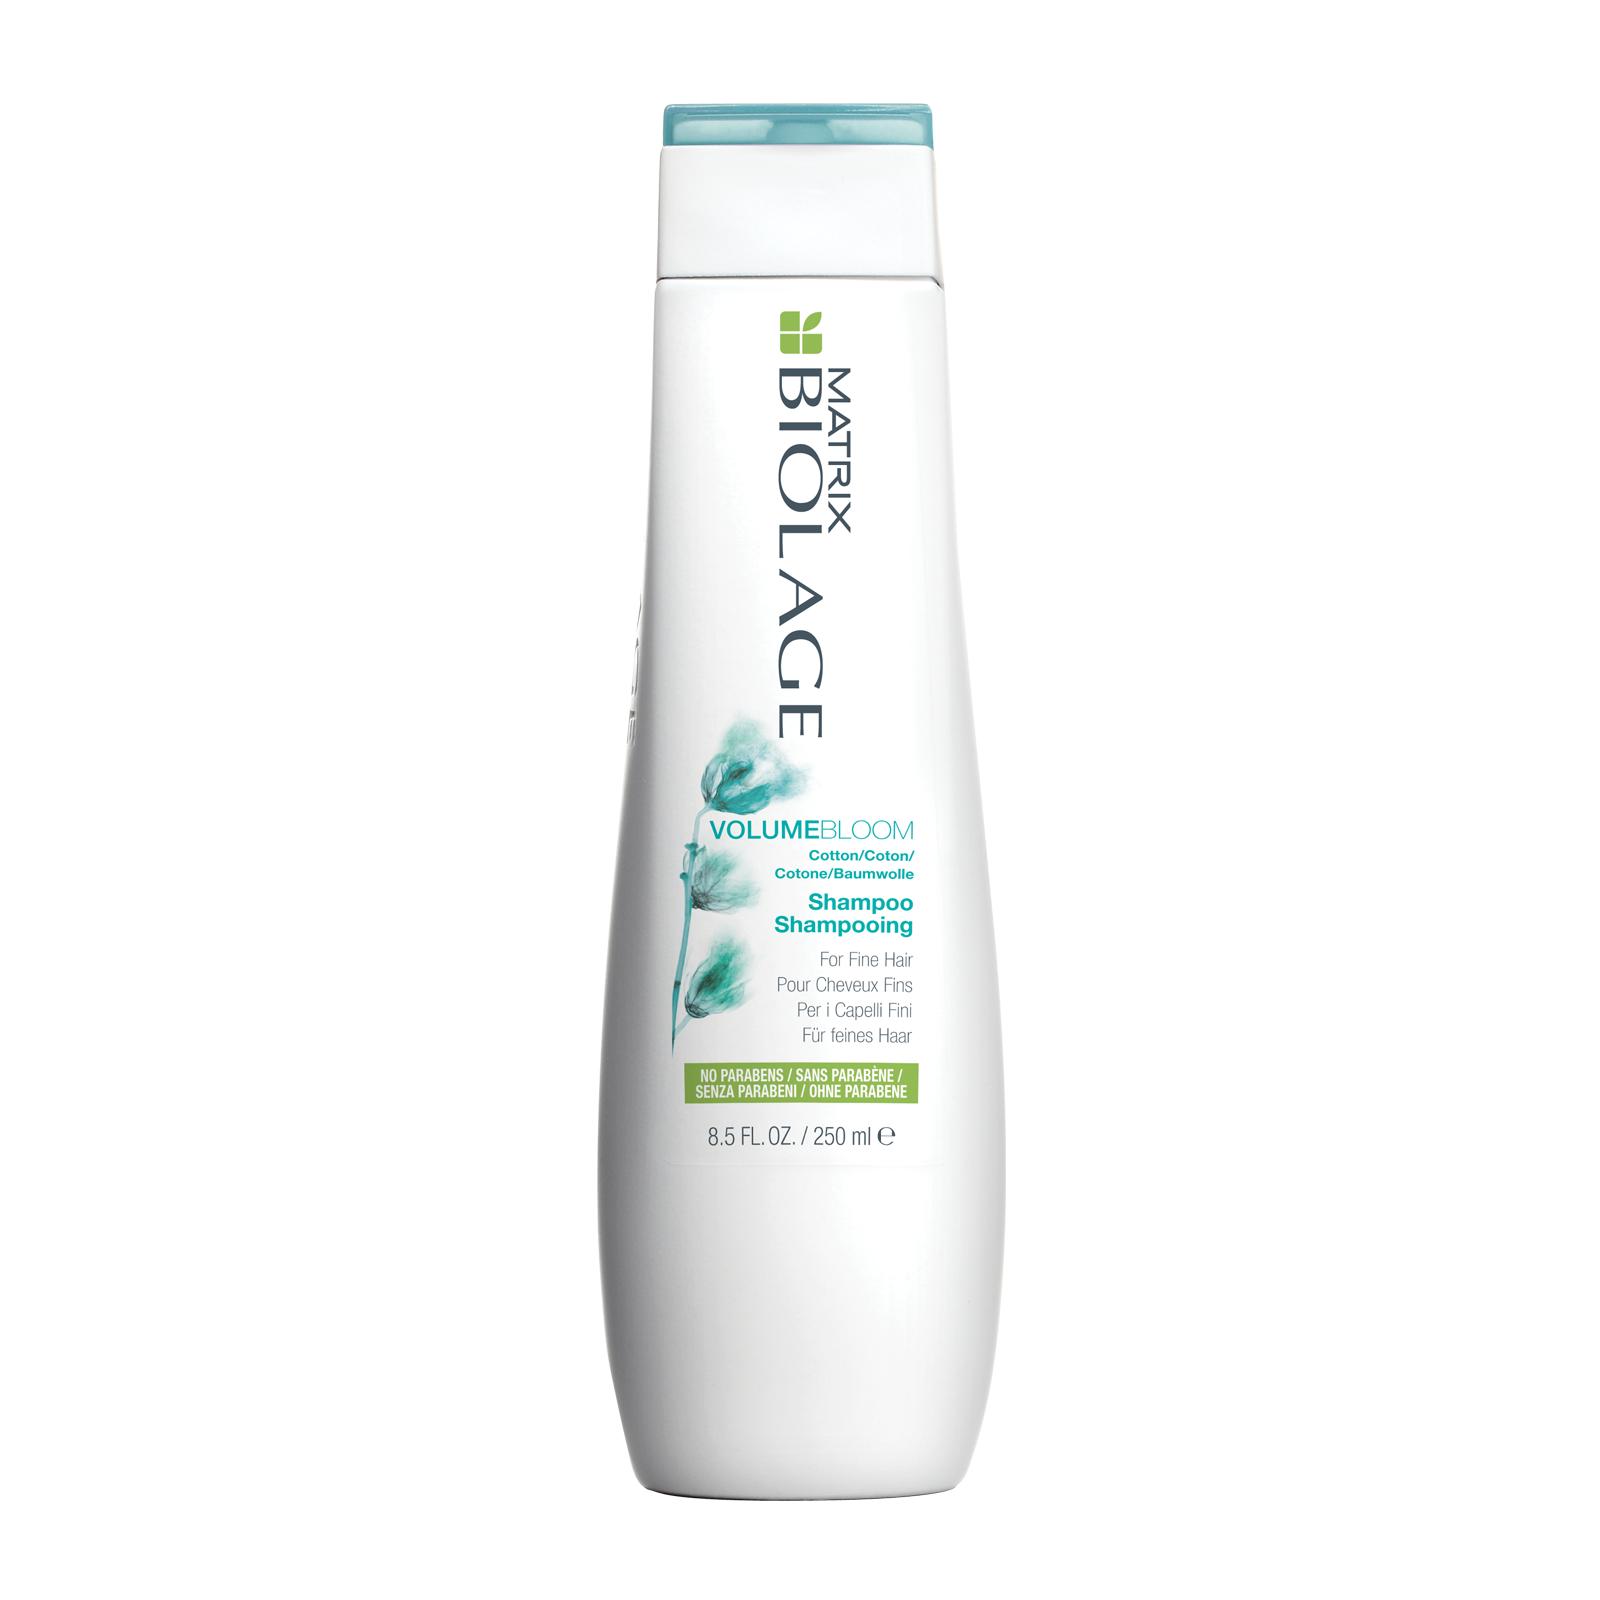 MATRIX Biolage Volumebloom Shampoo 250ml 1